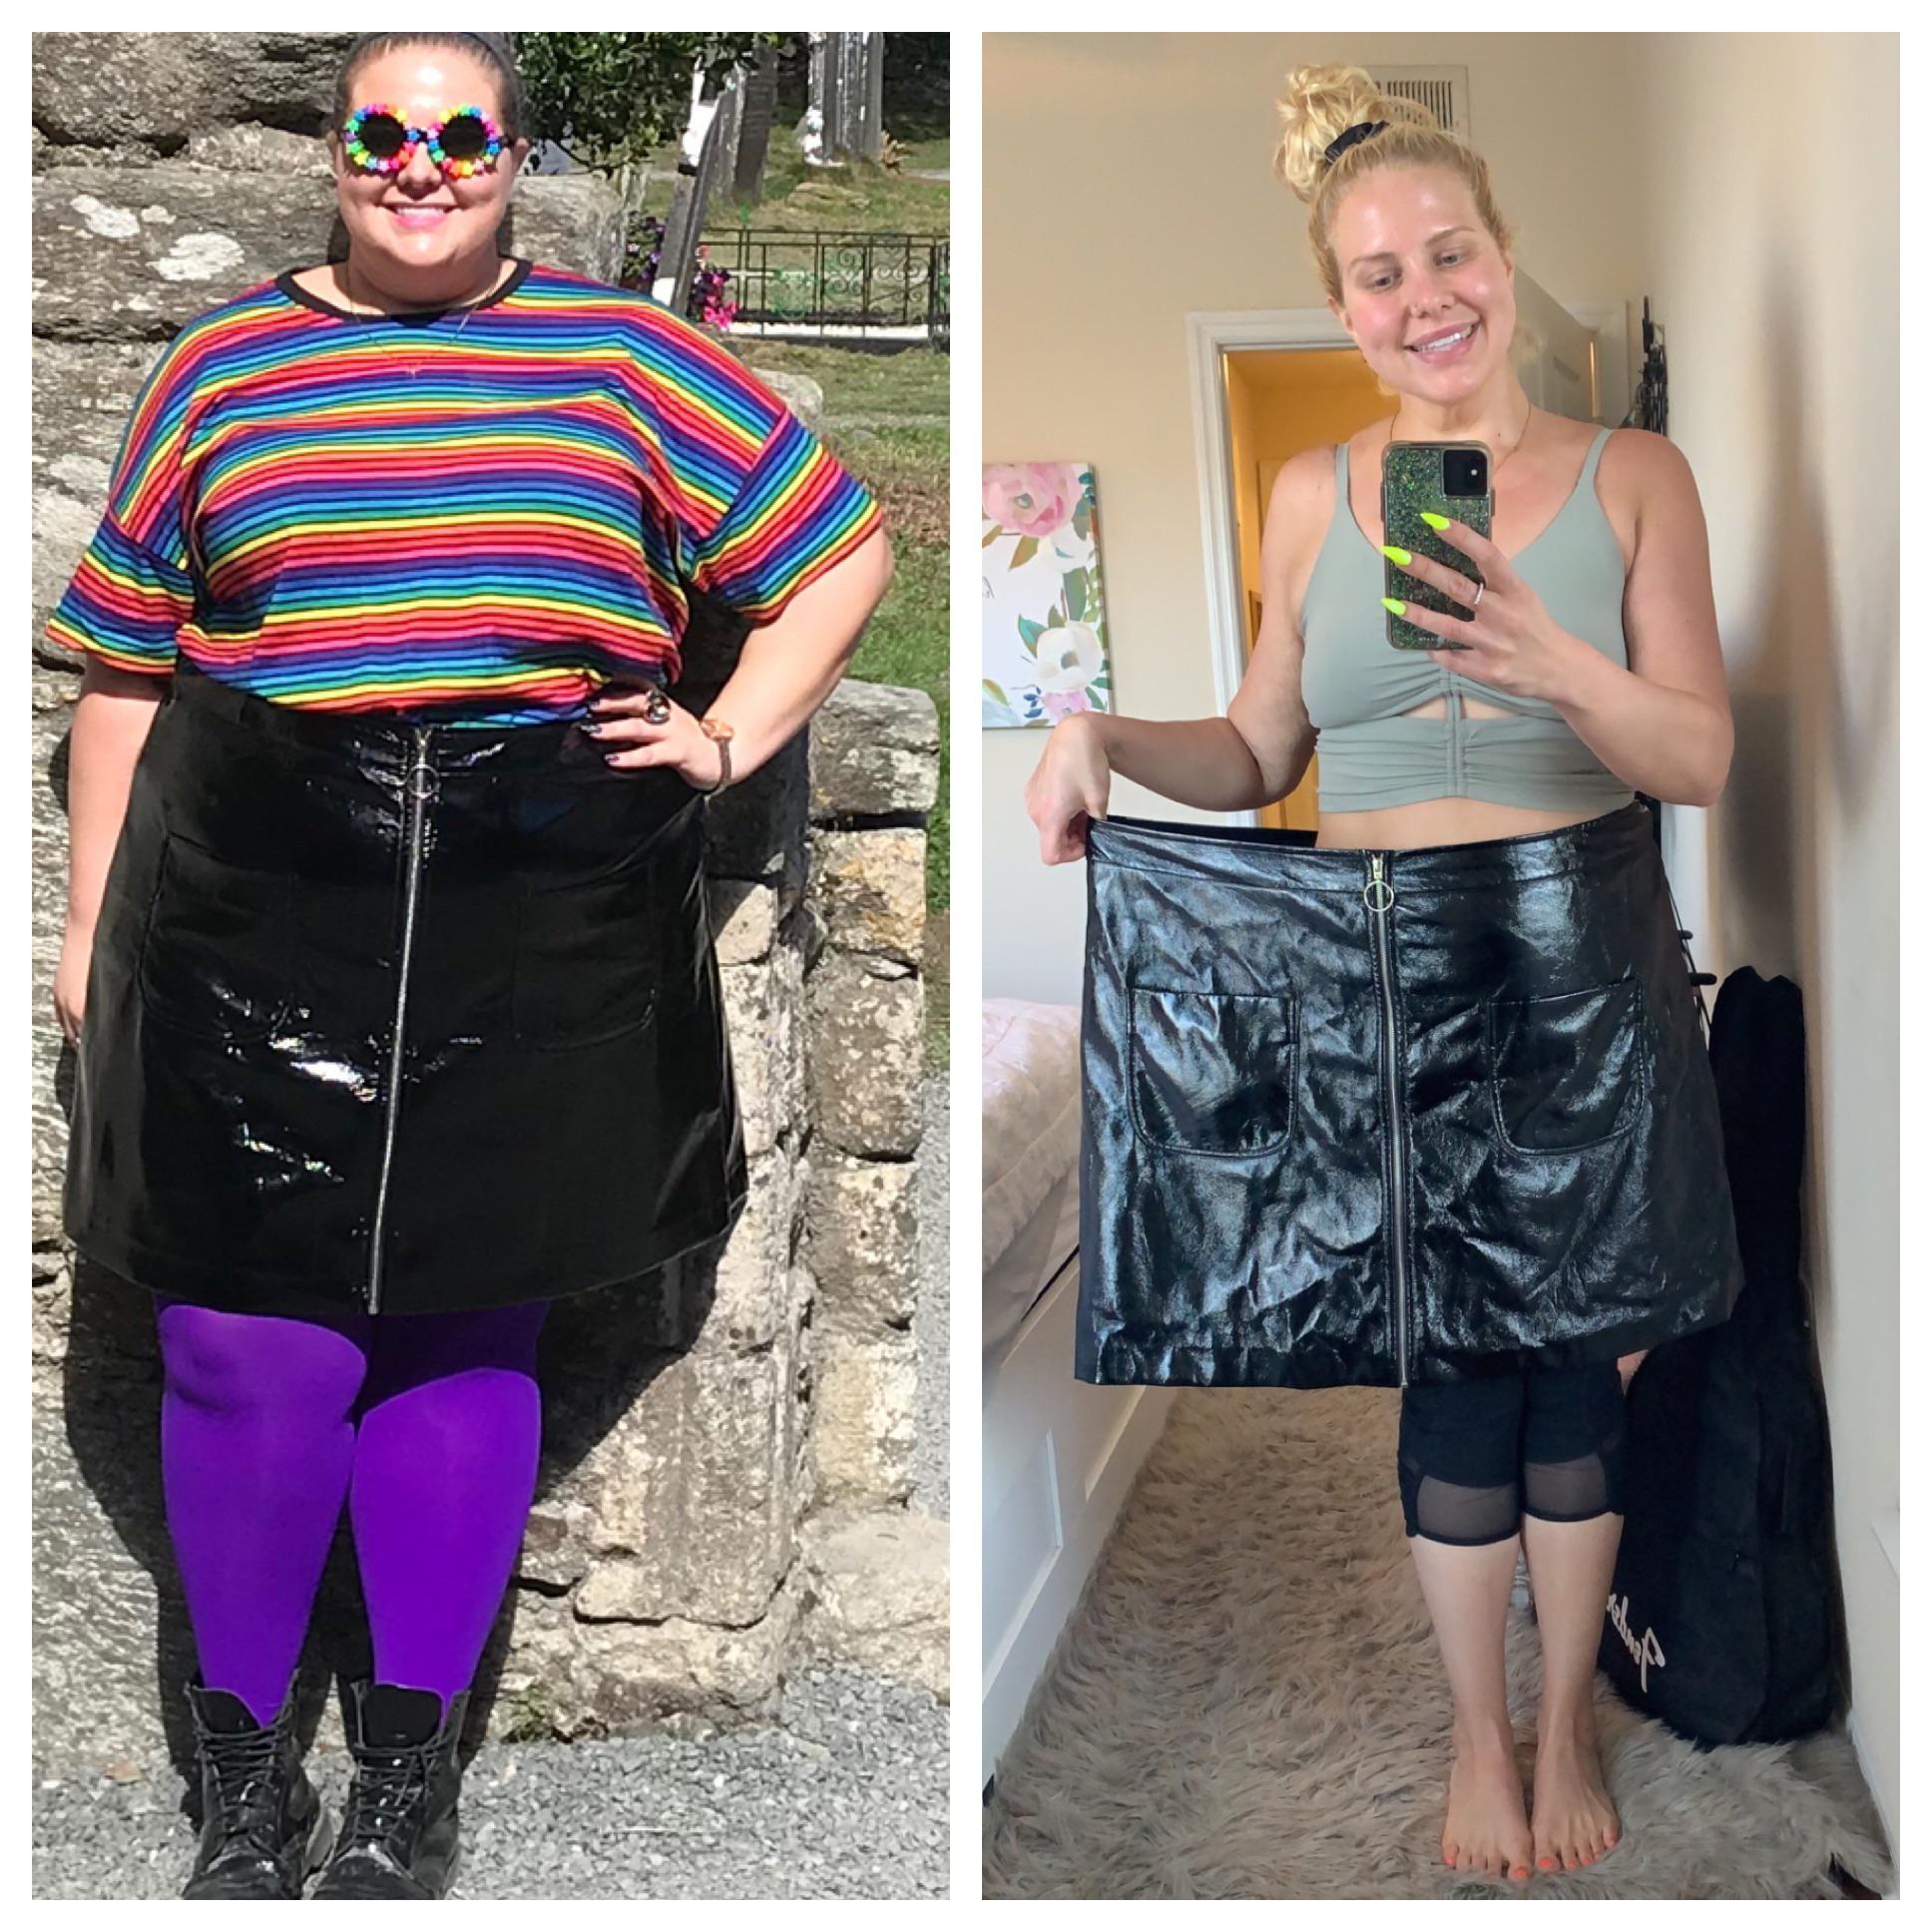 181 lbs Weight Loss 5 feet 10 Female 380 lbs to 199 lbs